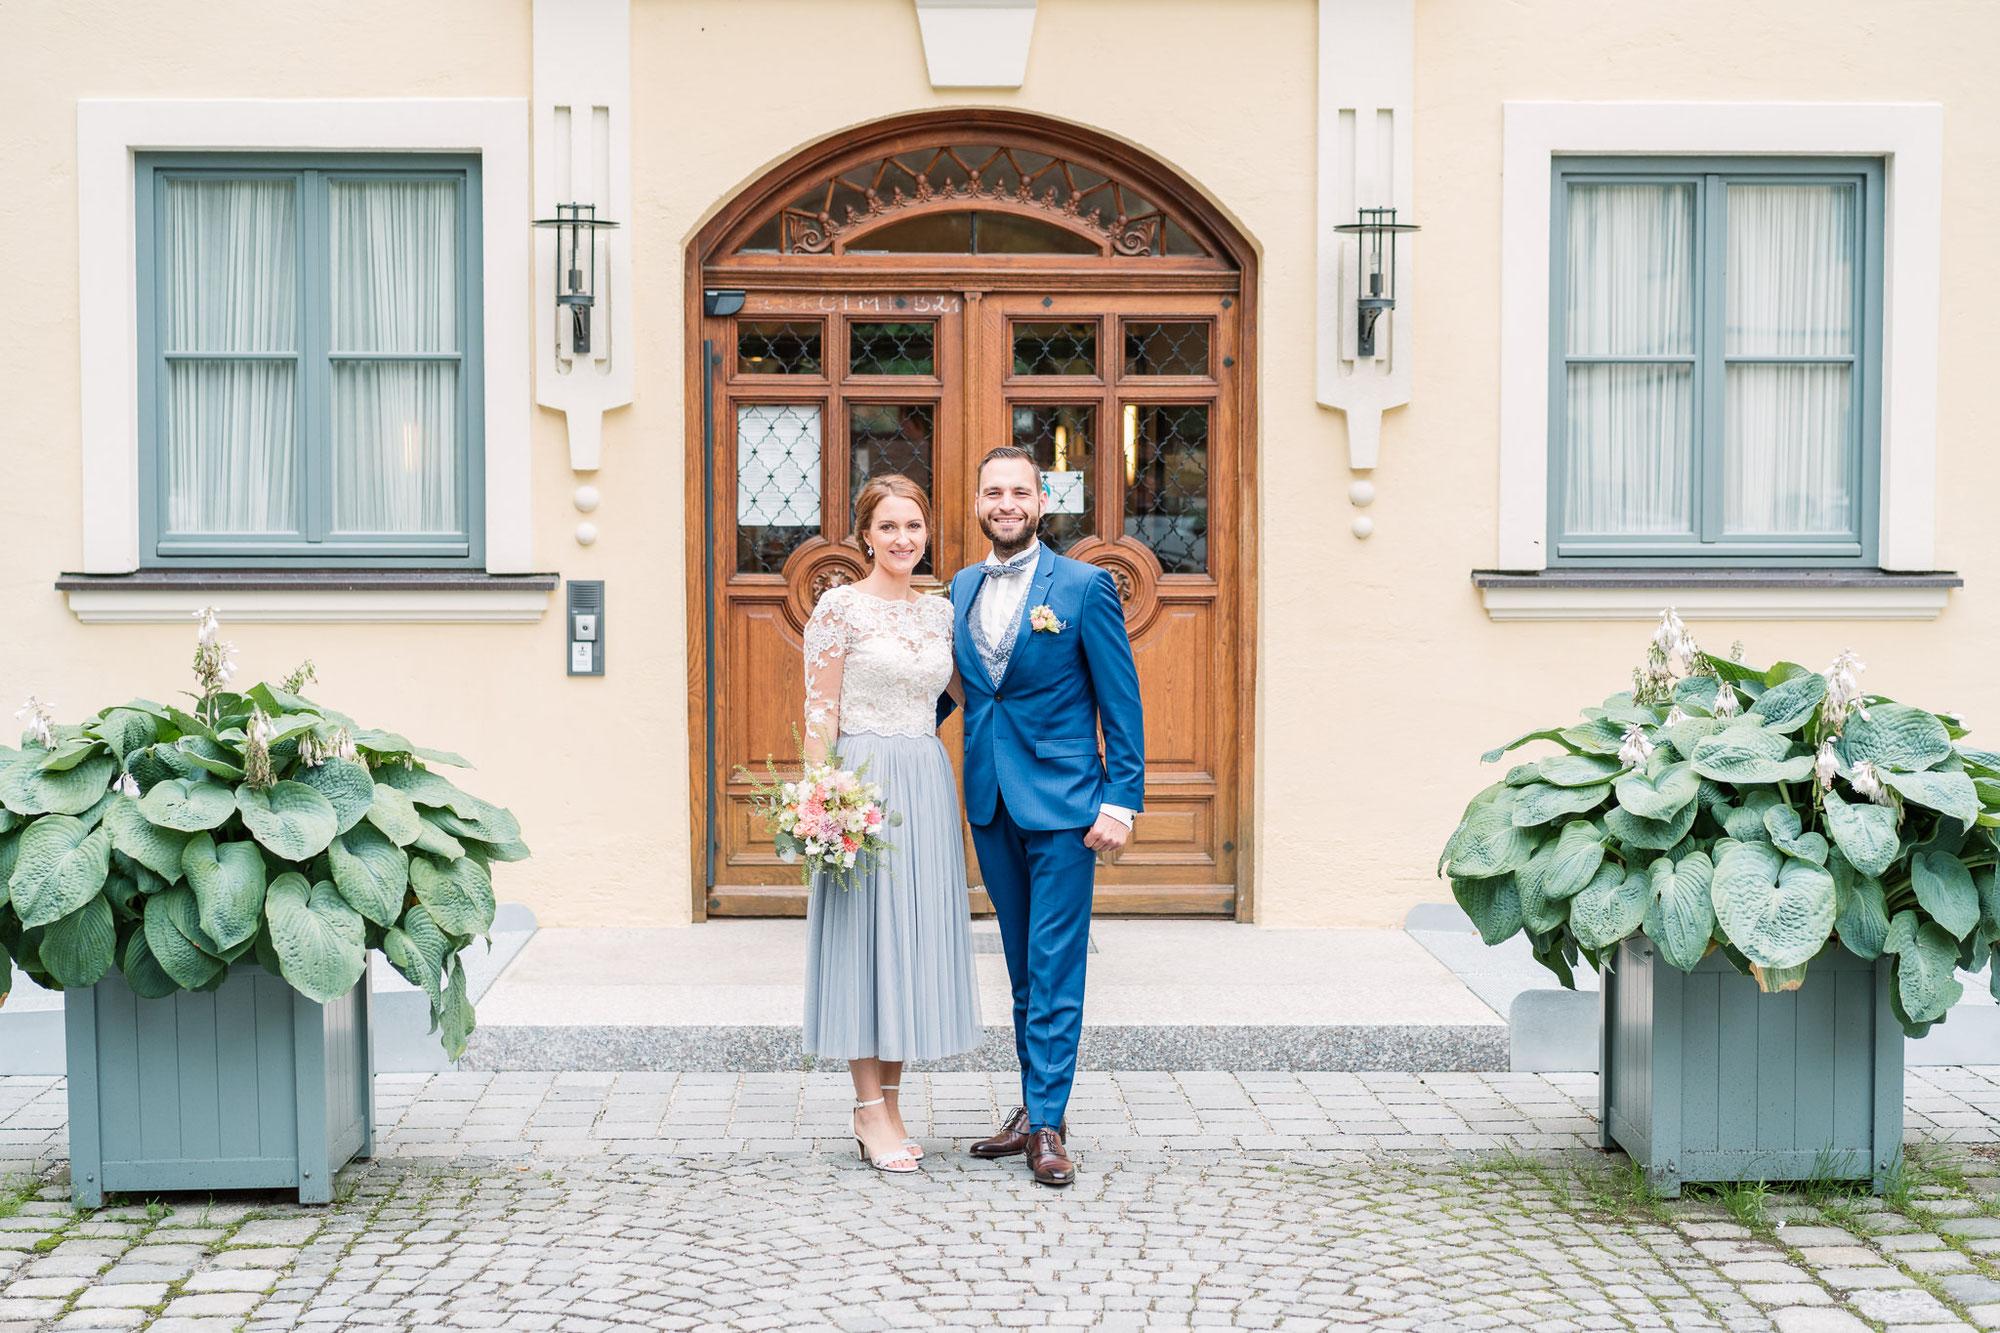 Sabrina & Joerg - Hochzeit im Standesamt Ismaning